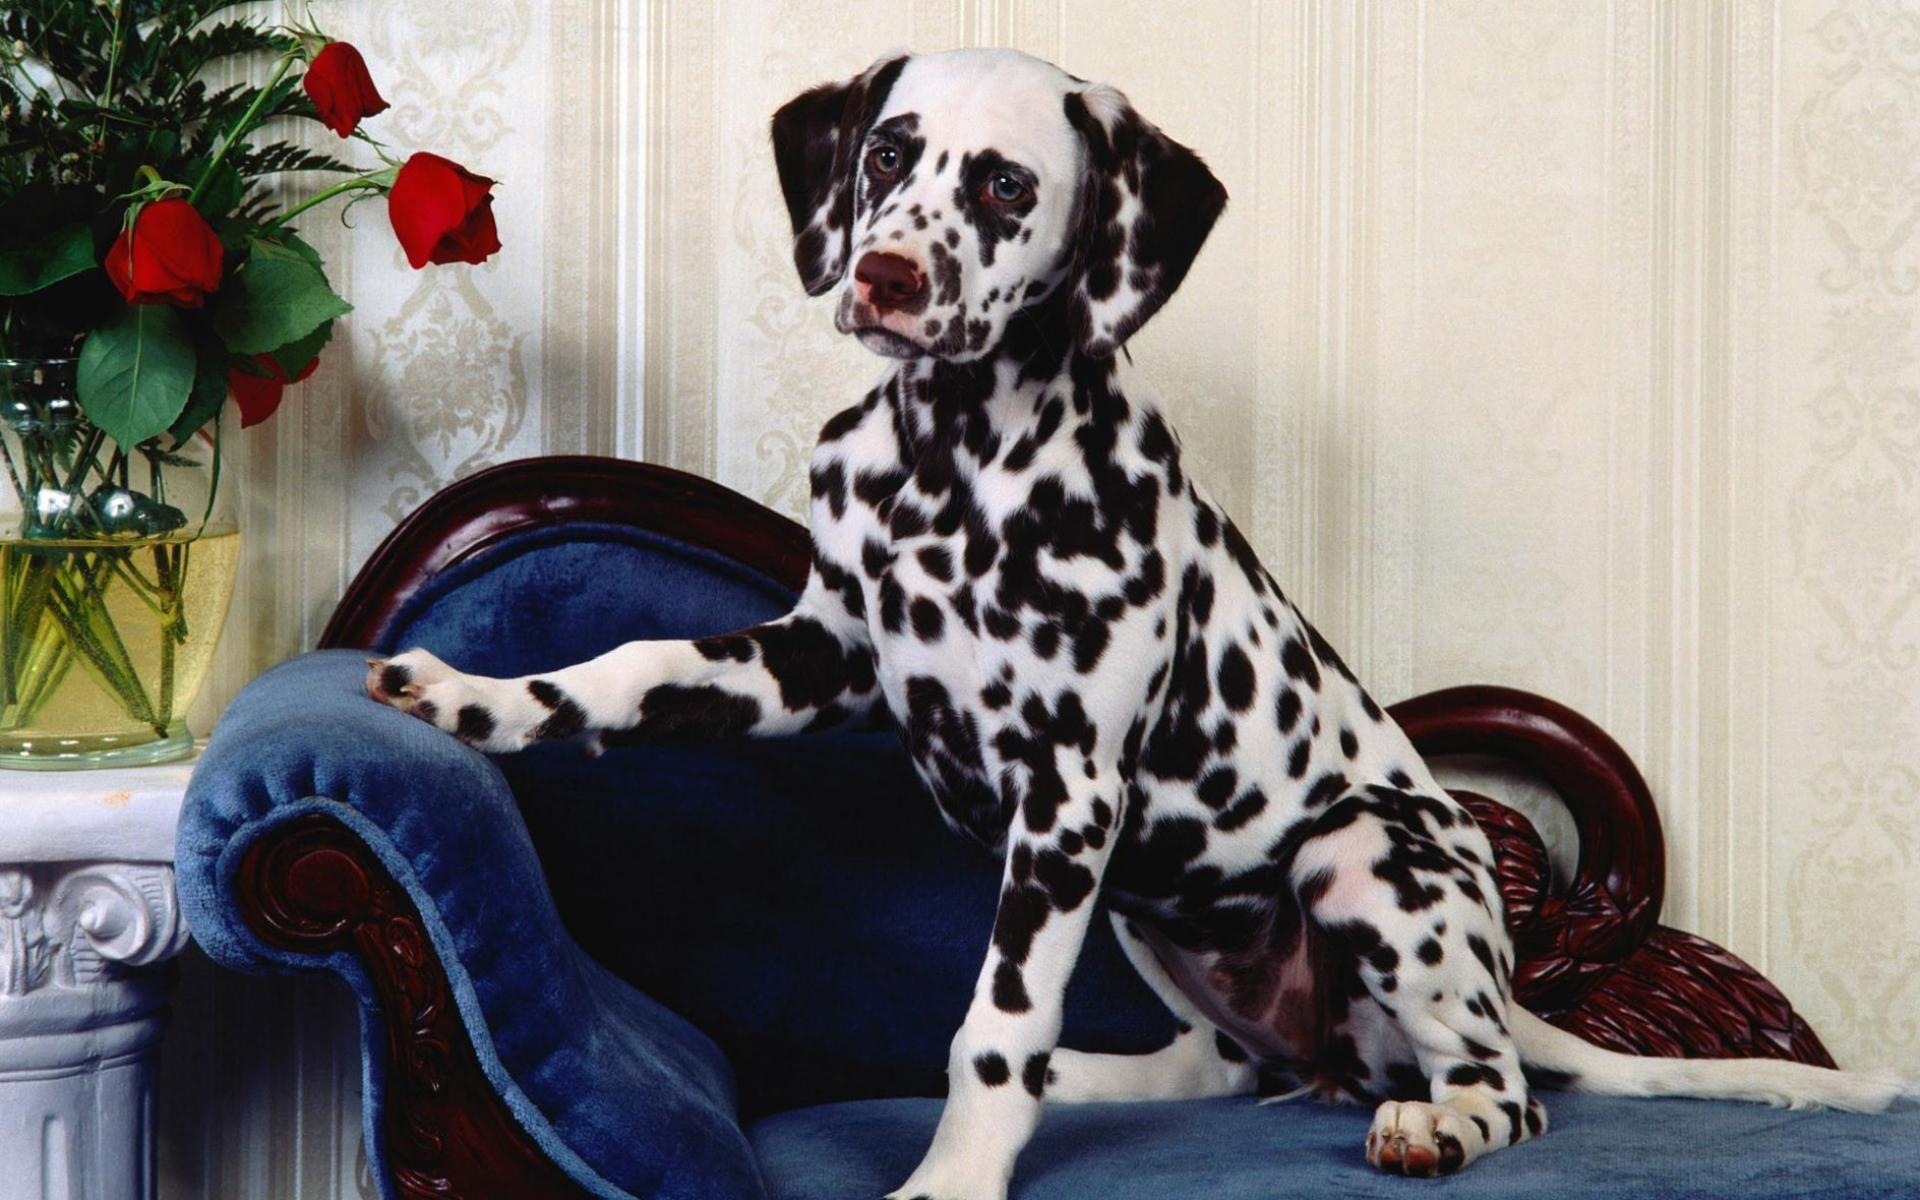 смотреть картинки про домашних собак есть необходимость потребовать